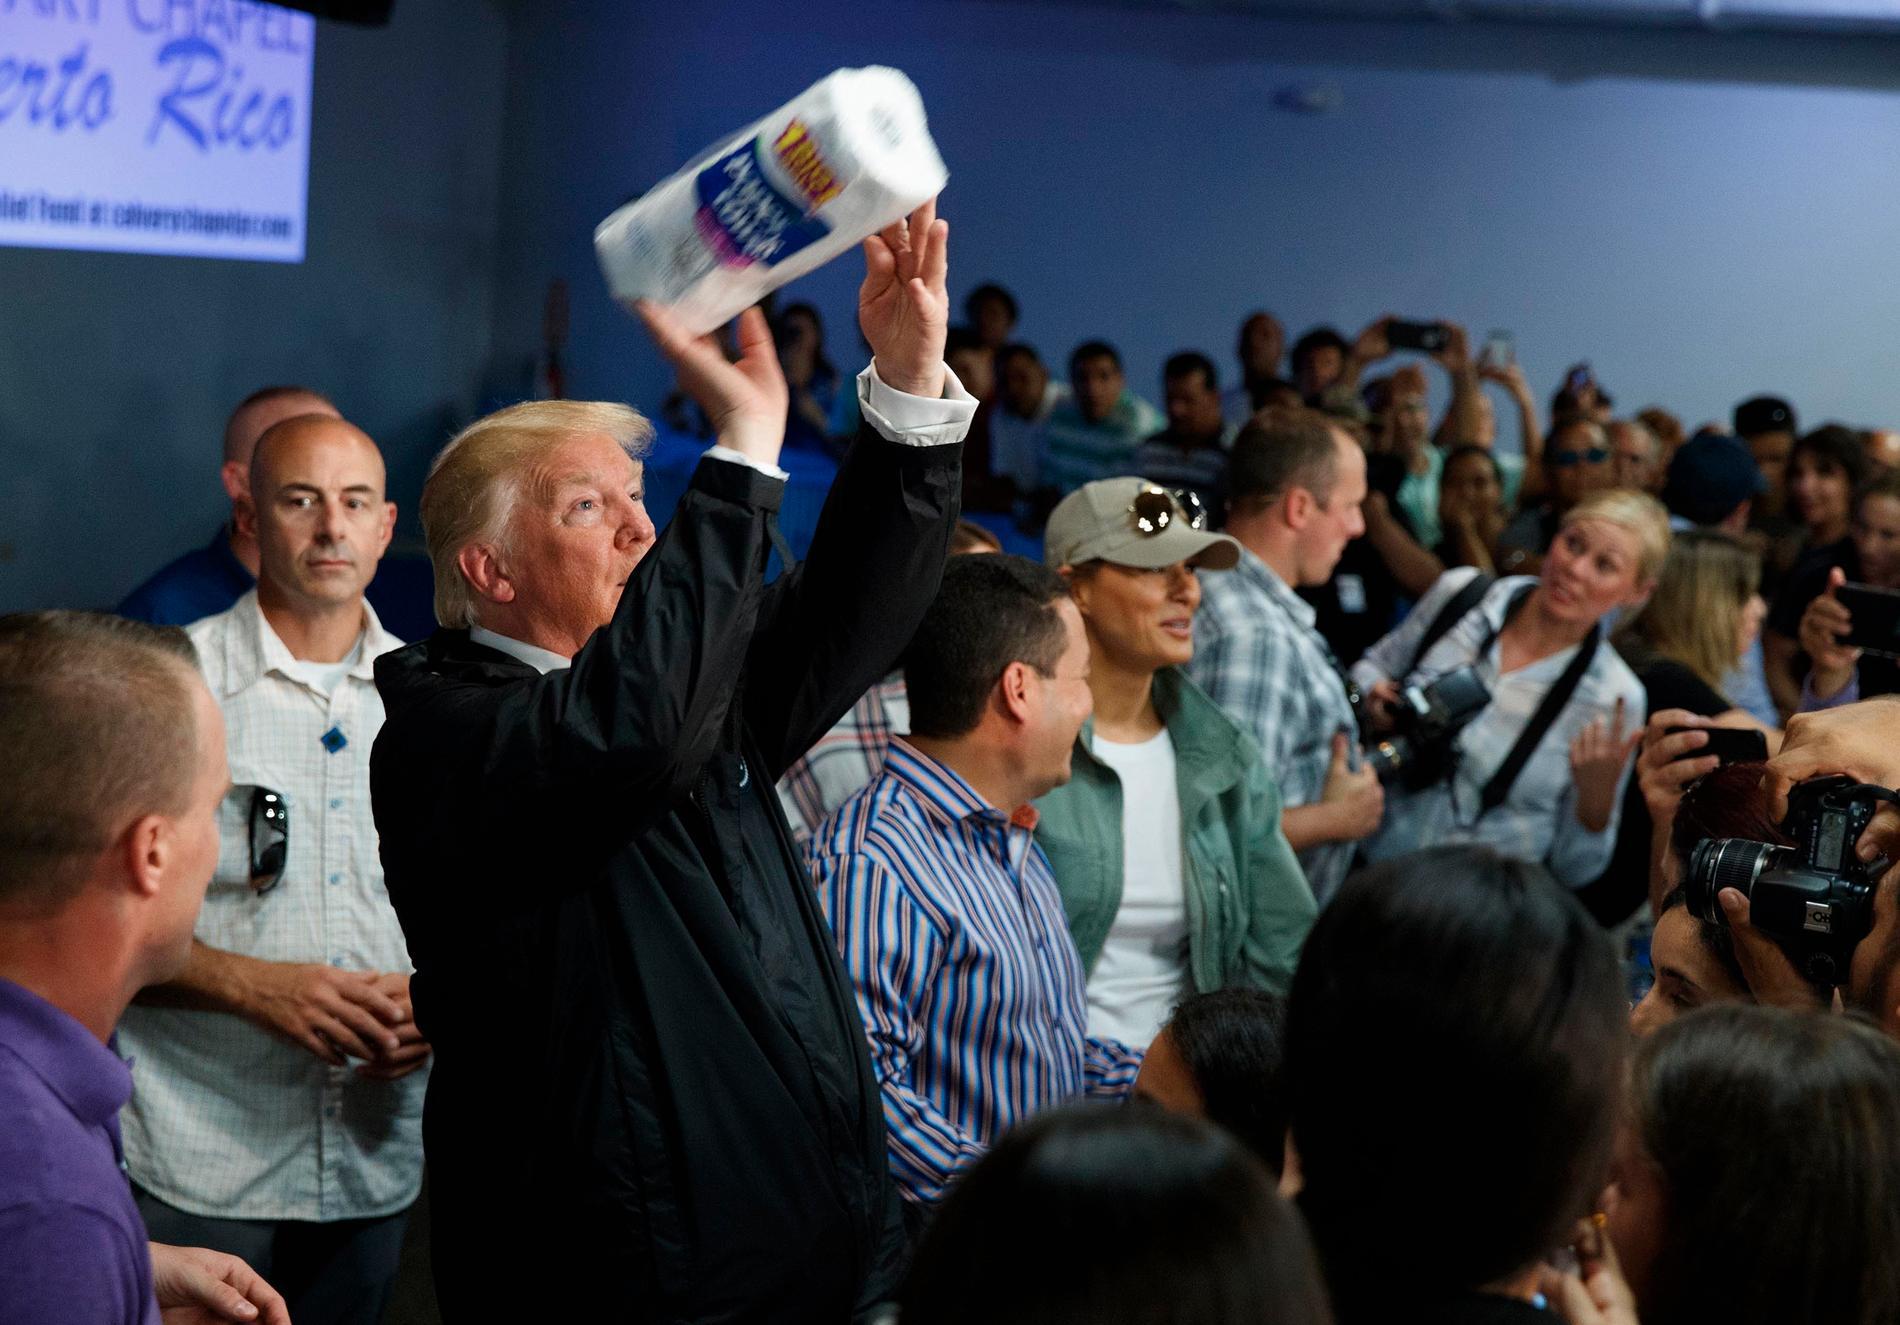 President Trump, här kastandes pappershanddukar till publiken, har fått utstå hård kritik för sitt agerande gentemot Puerto Rico. Både på plats och efter det att orkanerna lämnat området.